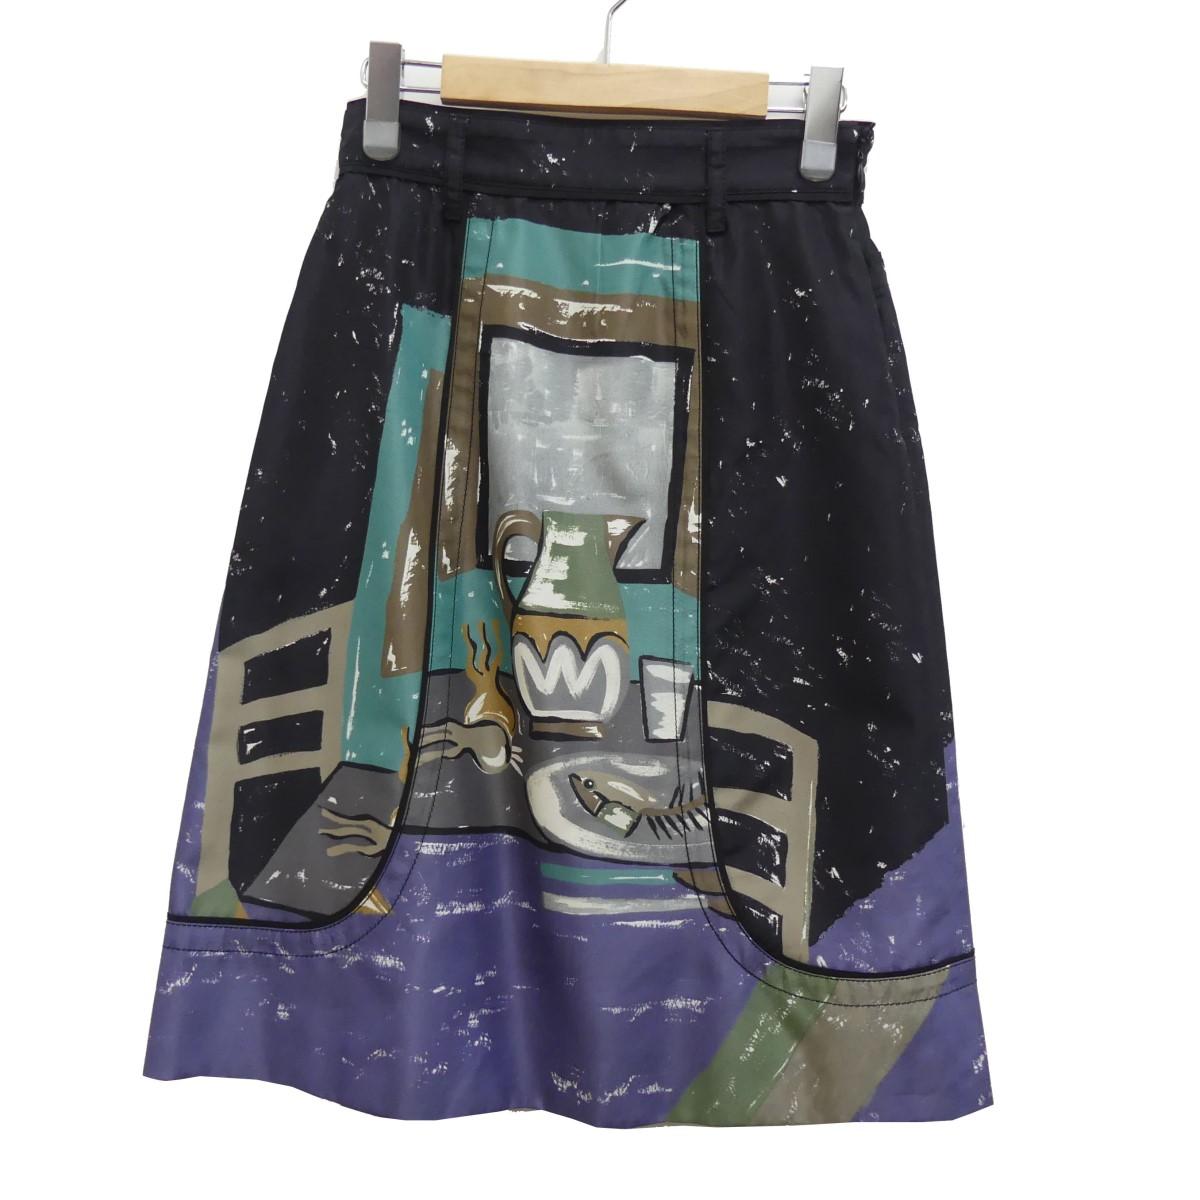 【中古】PRADA 総柄 スカート ブラック サイズ:36 【160420】(プラダ)